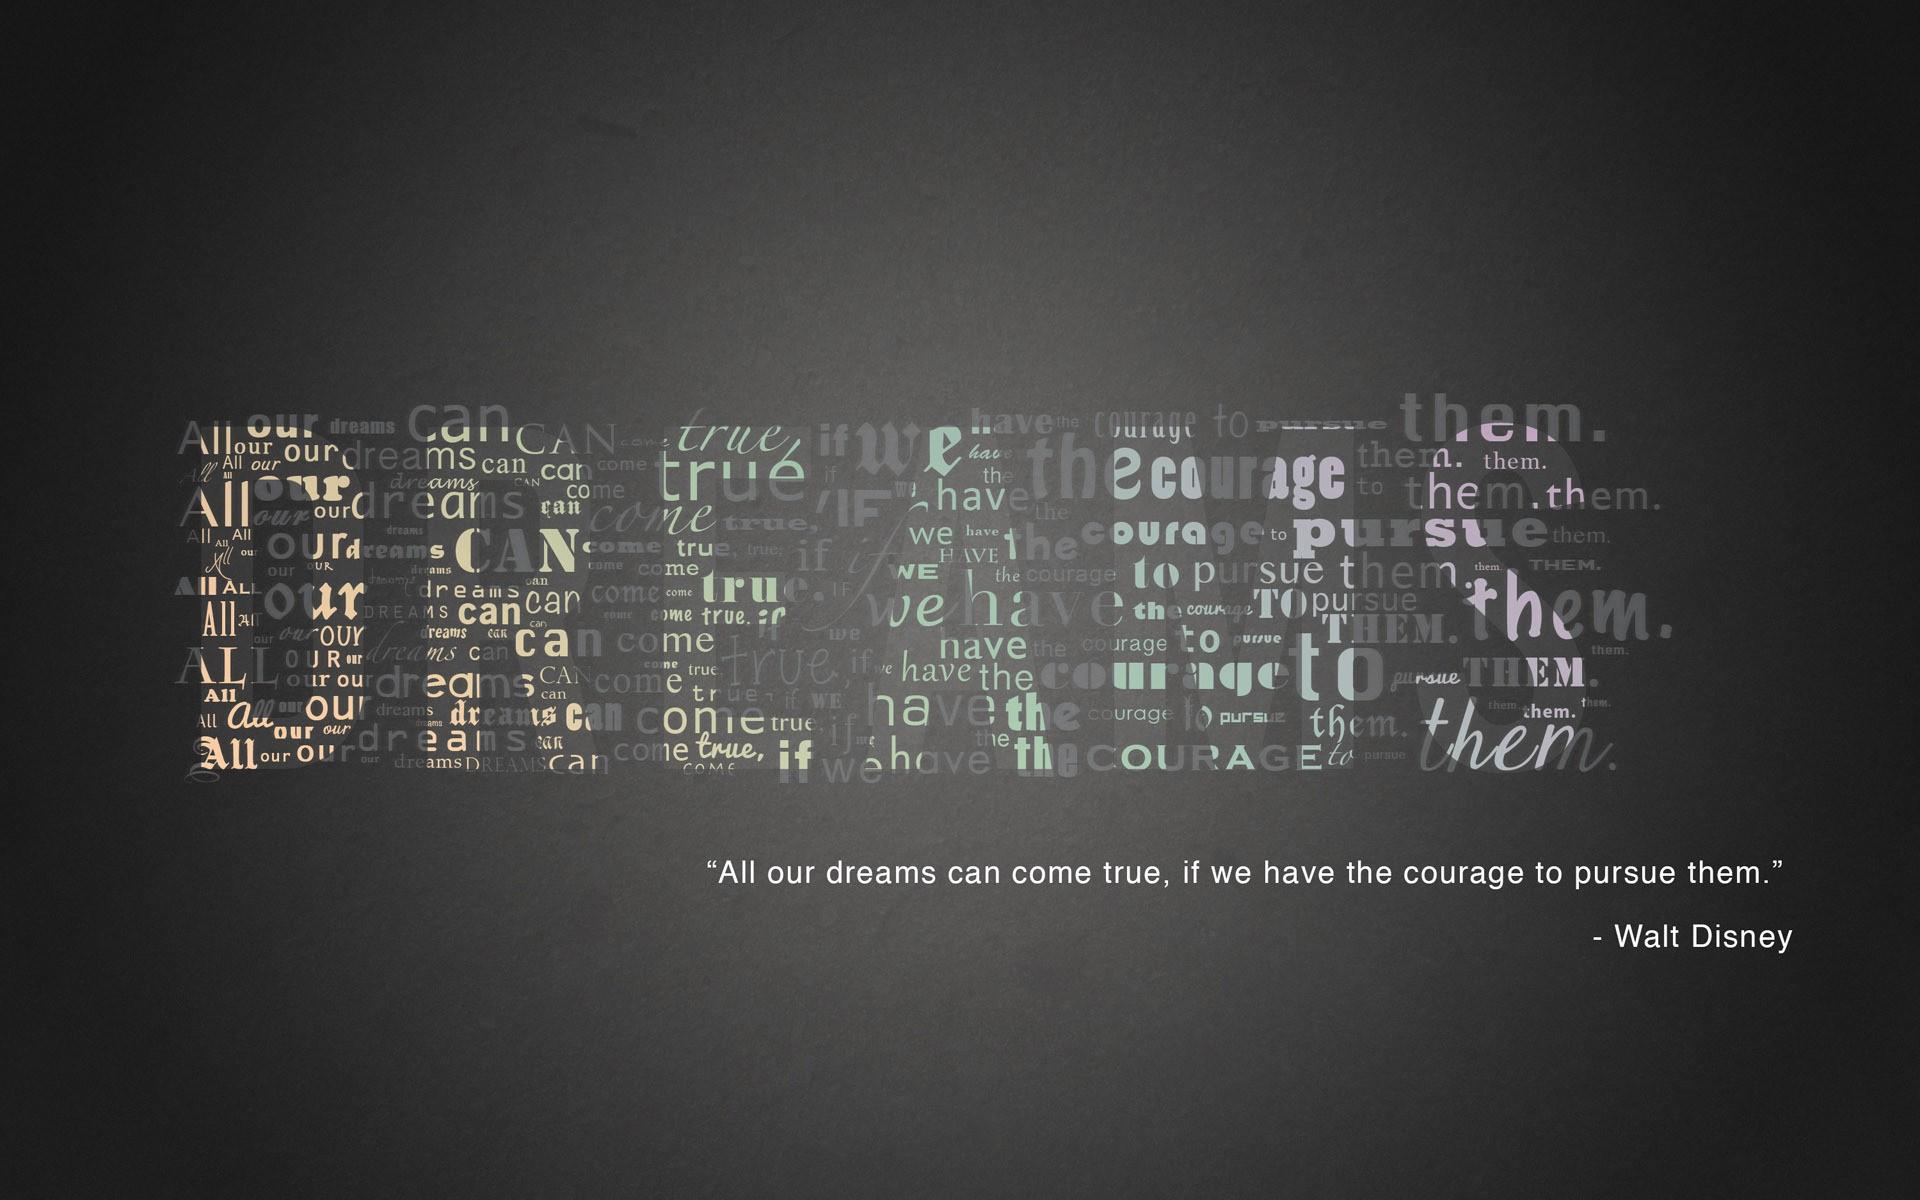 Most Inspiring Wallpaper Macbook Quote - 111314-beautiful-quote-backgrounds-1920x1200-for-desktop  2018_282930.jpg